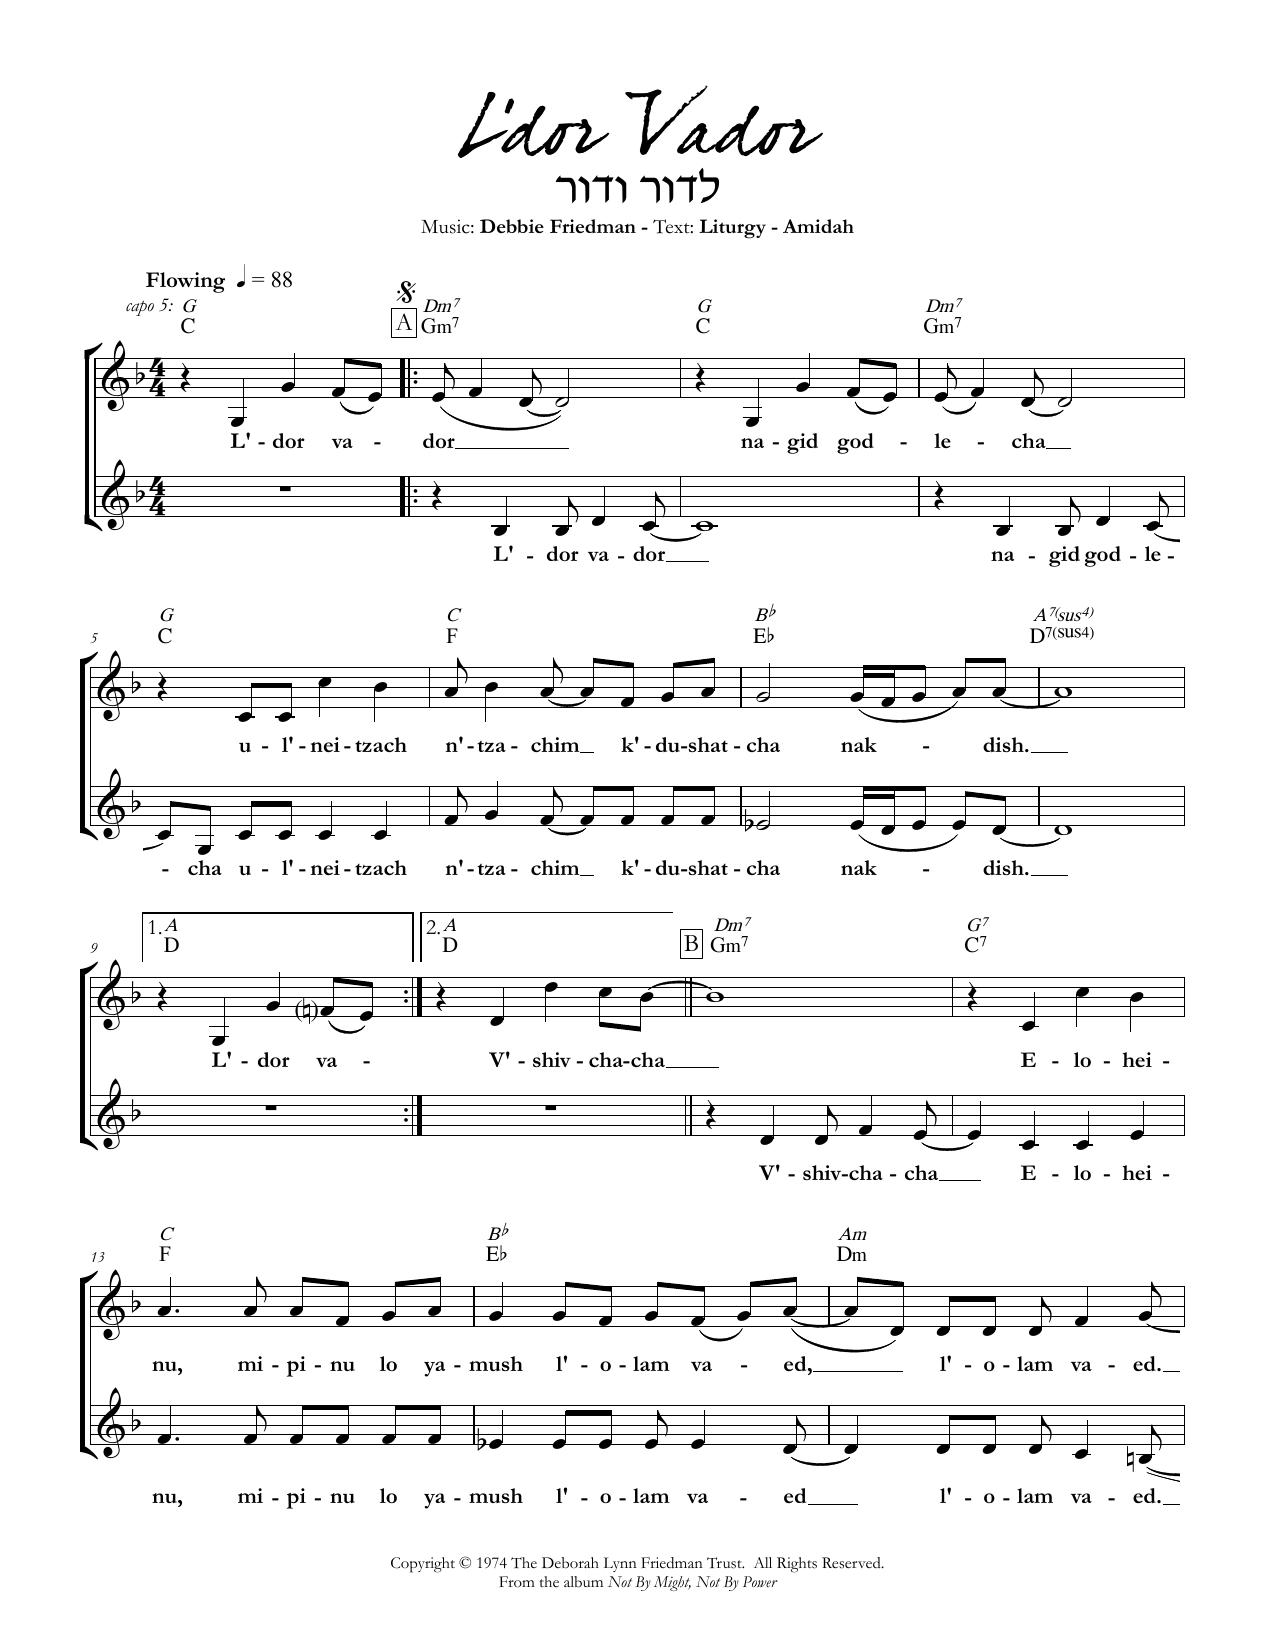 L'dor Vador Sheet Music